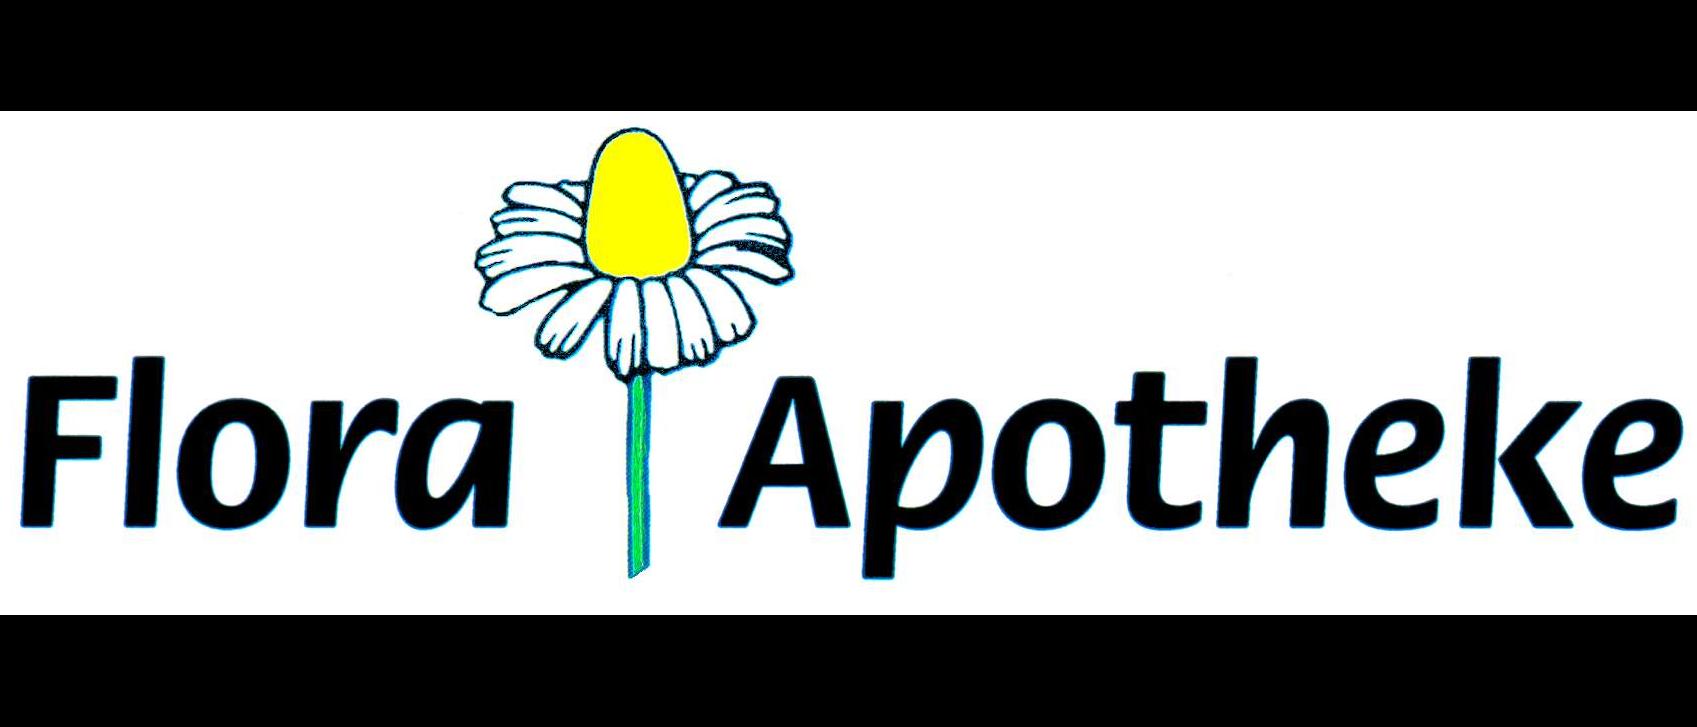 Flora Apotheke